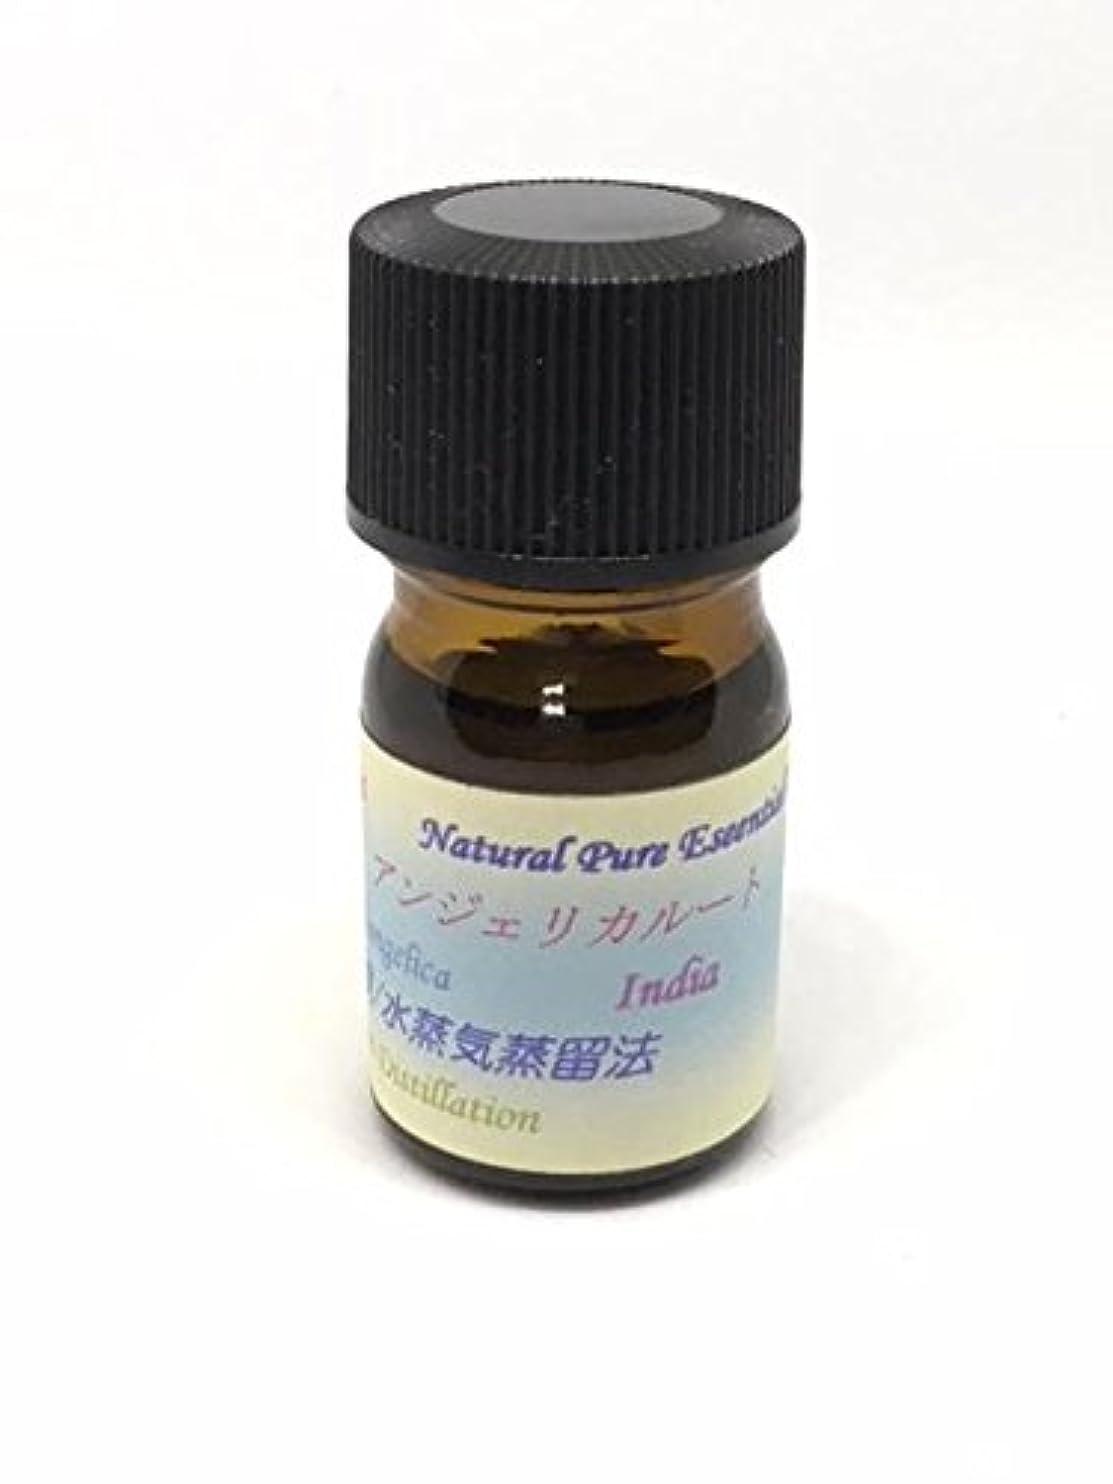 迷惑辛な化学者アンジェリカルート精油 5ml ピュアエッセンシャルオイル (ハーブ系)